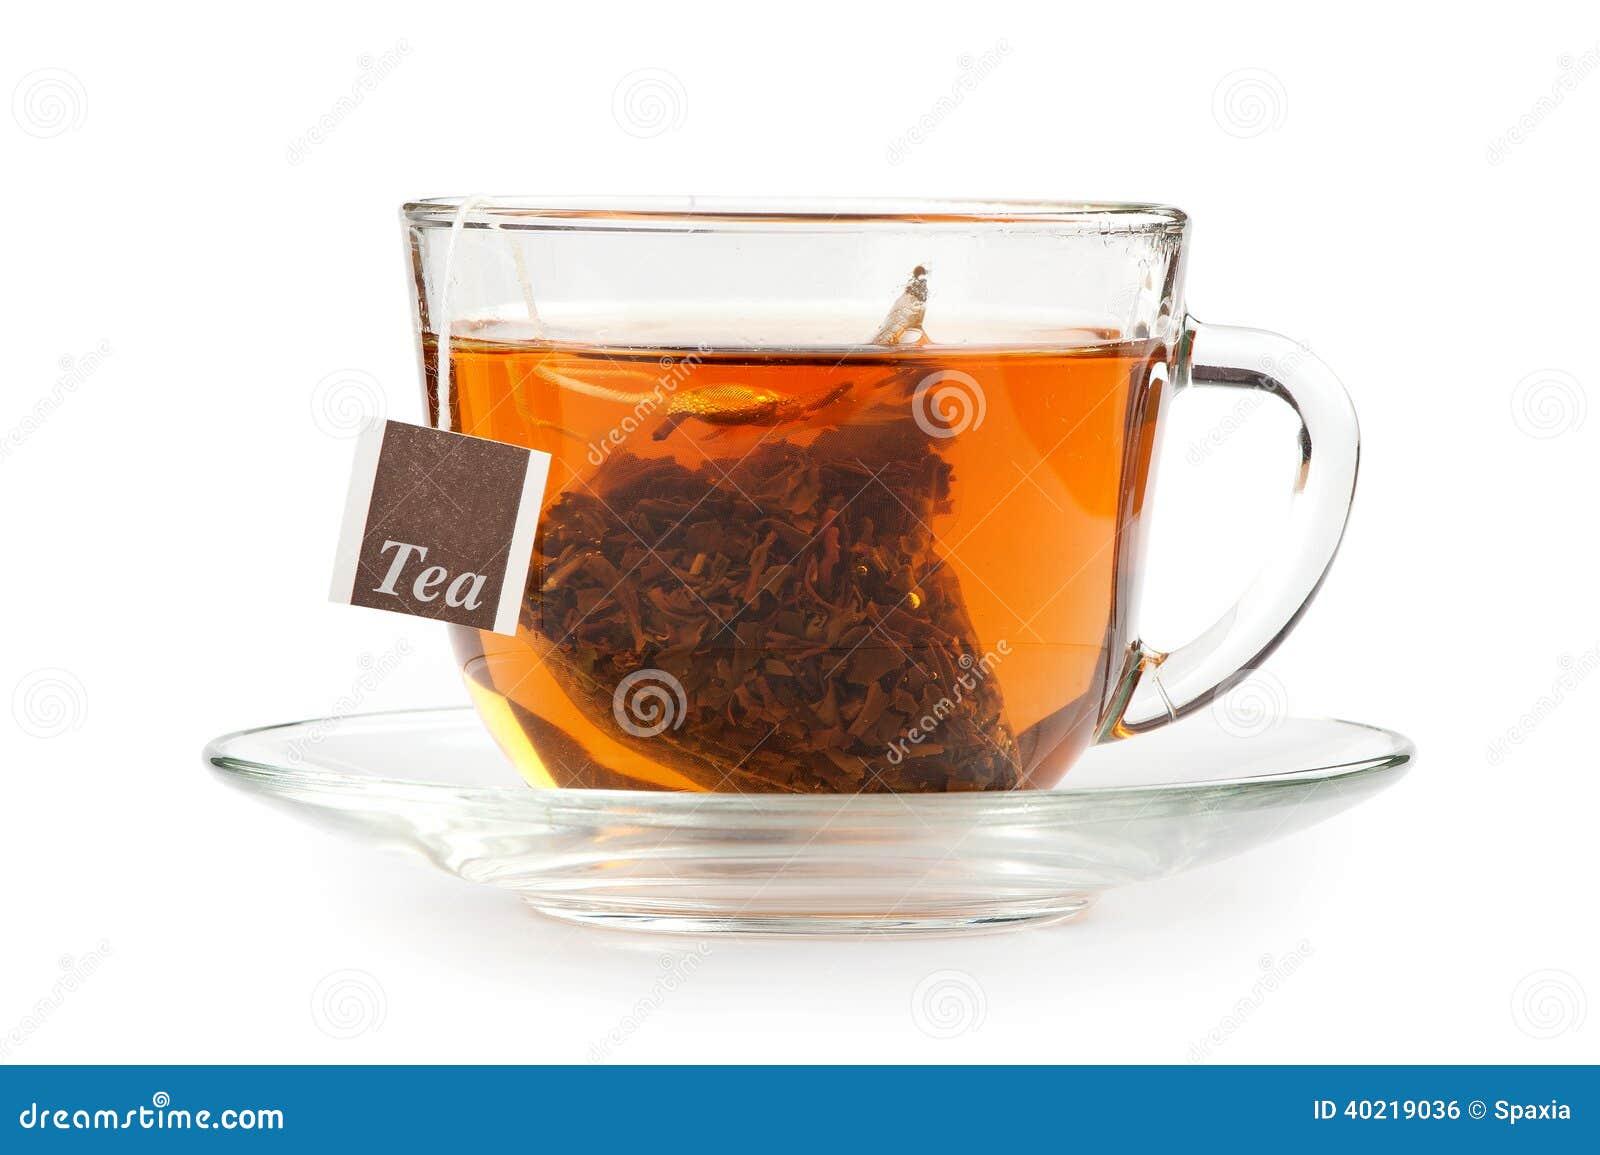 eine tasse tee mit teebeutel stockfoto bild von floral wei 40219036. Black Bedroom Furniture Sets. Home Design Ideas